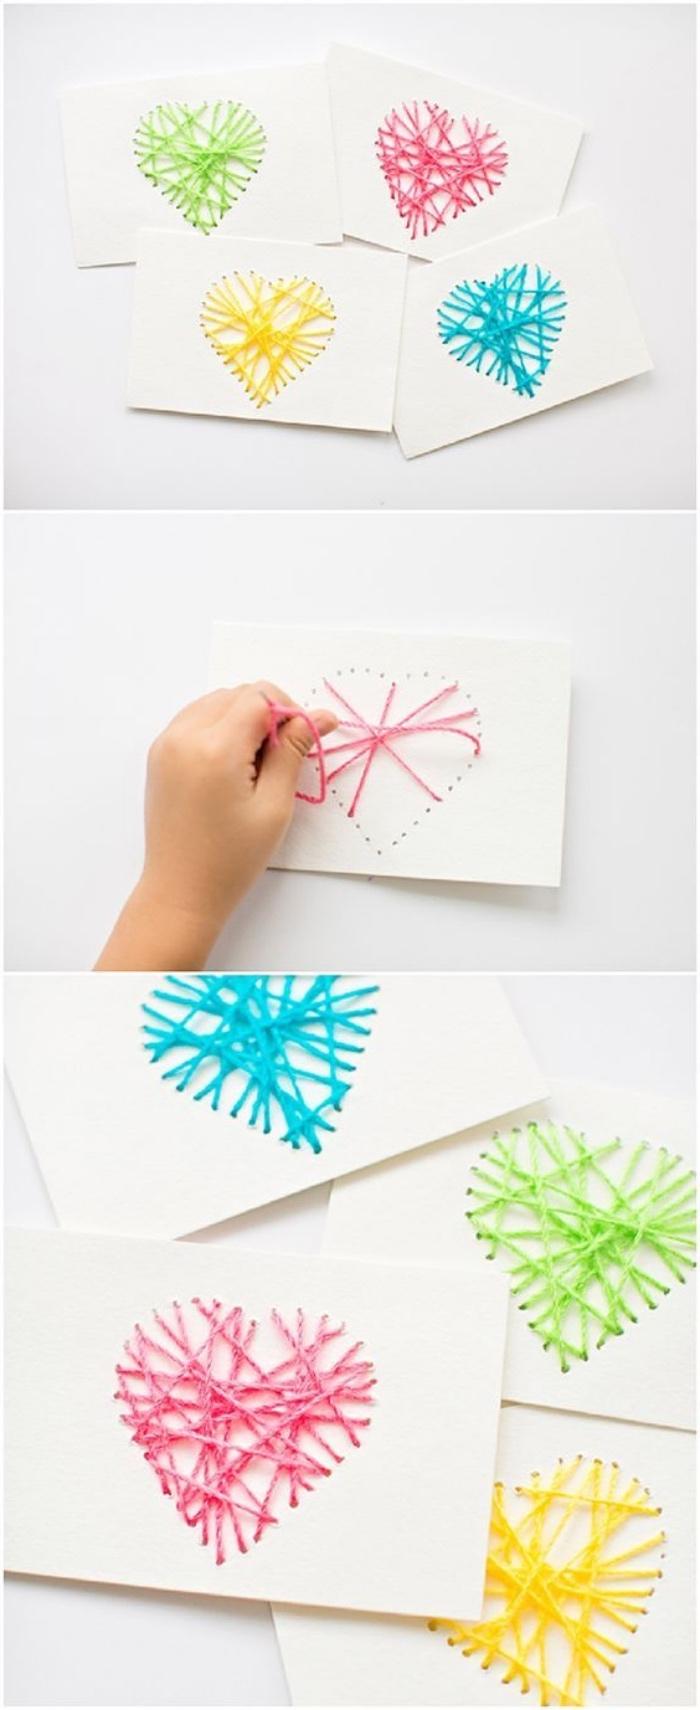 Bastelideen Kinder, Valentinstag Karten von dem Kind für Mama und Papa, Herzchen mit Faden auf Papier machen